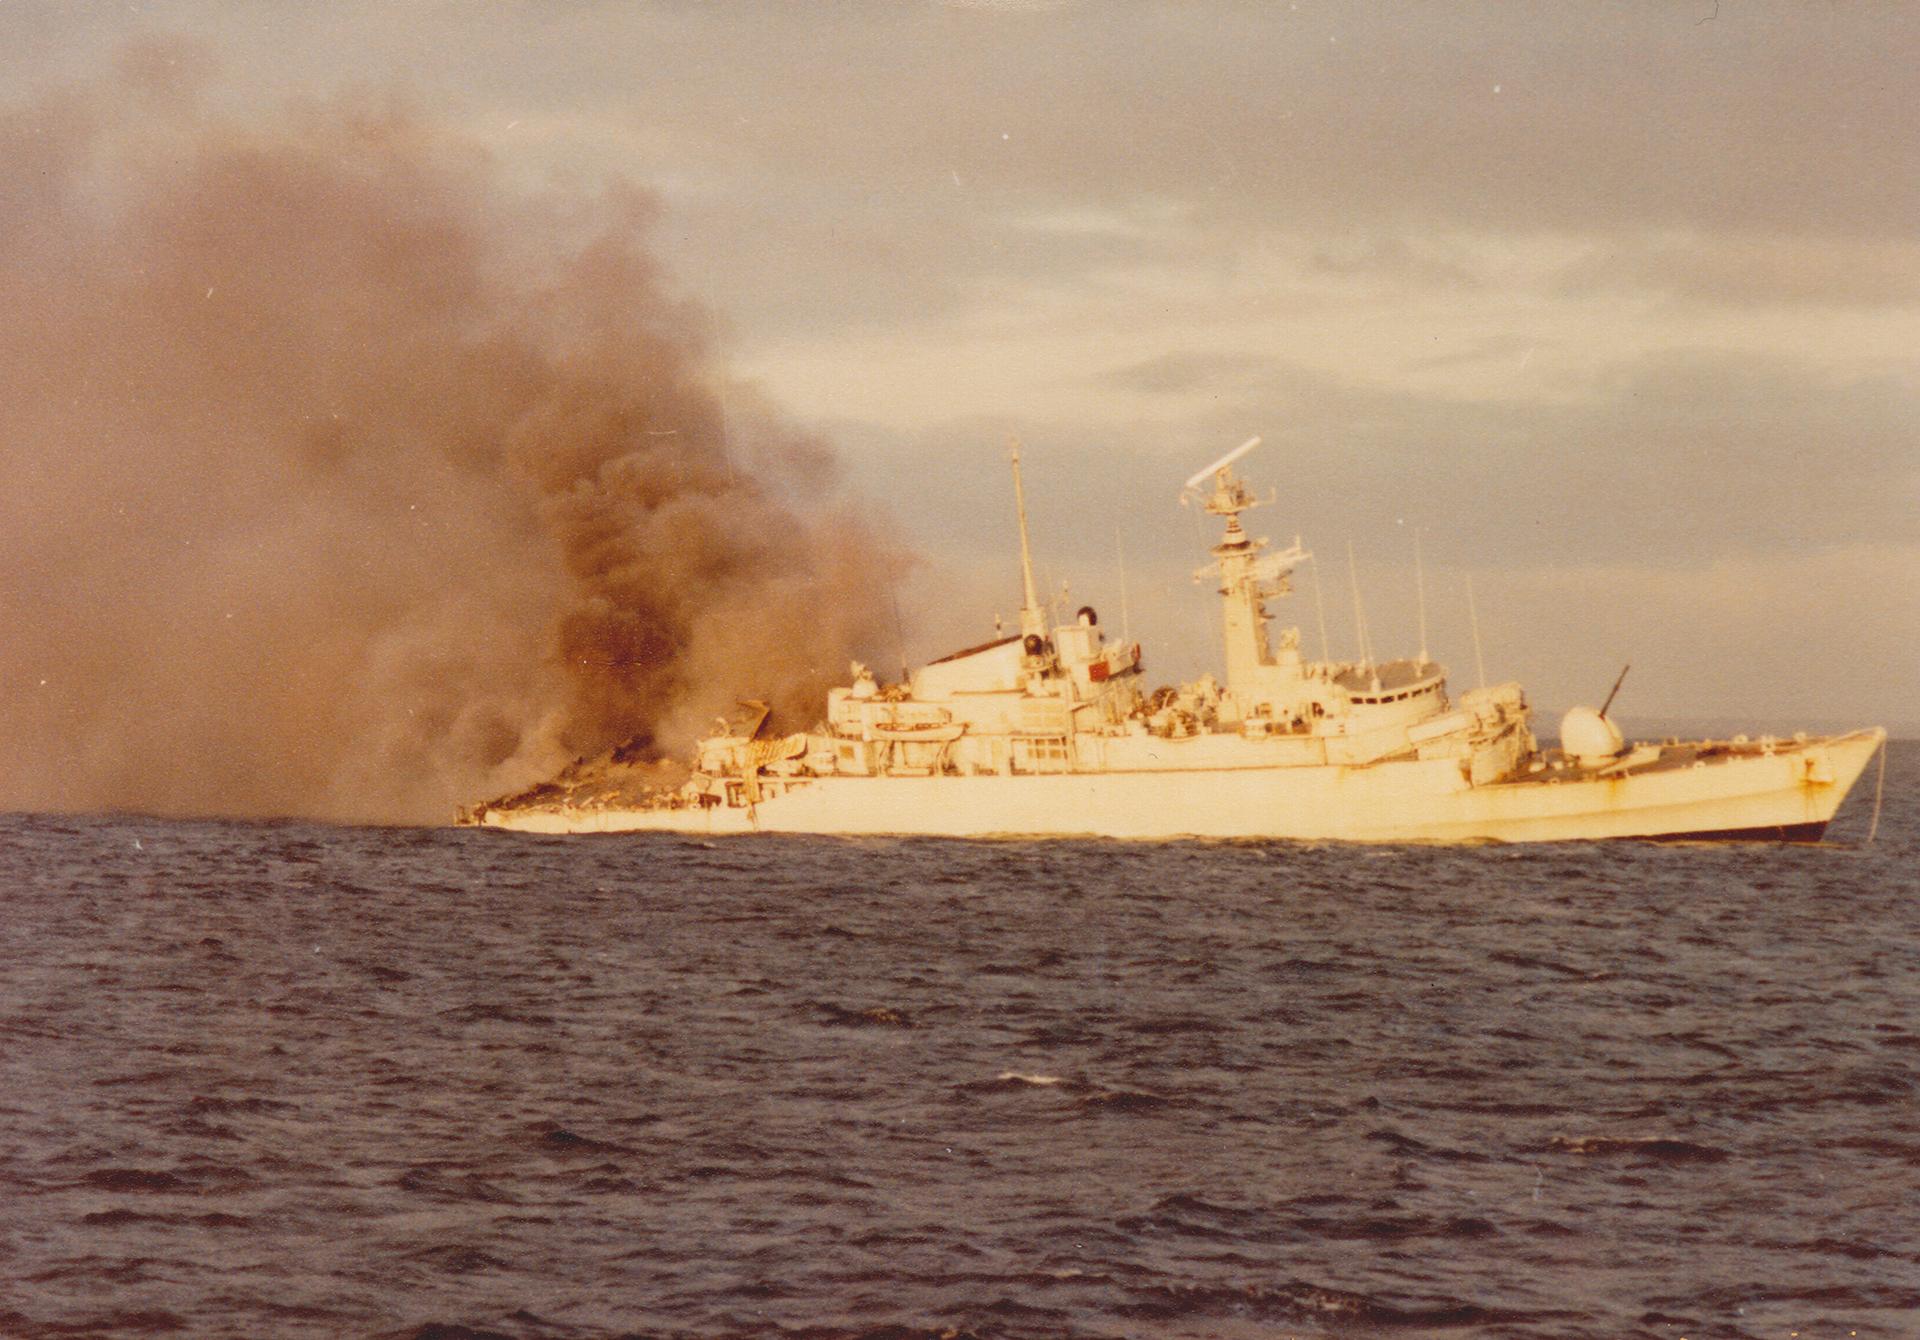 21 de mayo: la HMS Ardent en llamas. Mientras prestaba apoyo de bombardeo de la pista de aterrizaje argentina en Pradera del Ganso, fue atacada por tres oleadas de aviones A4-B, Mirage 5 y A4-Q. Al día siguiente, la fragata se hundió